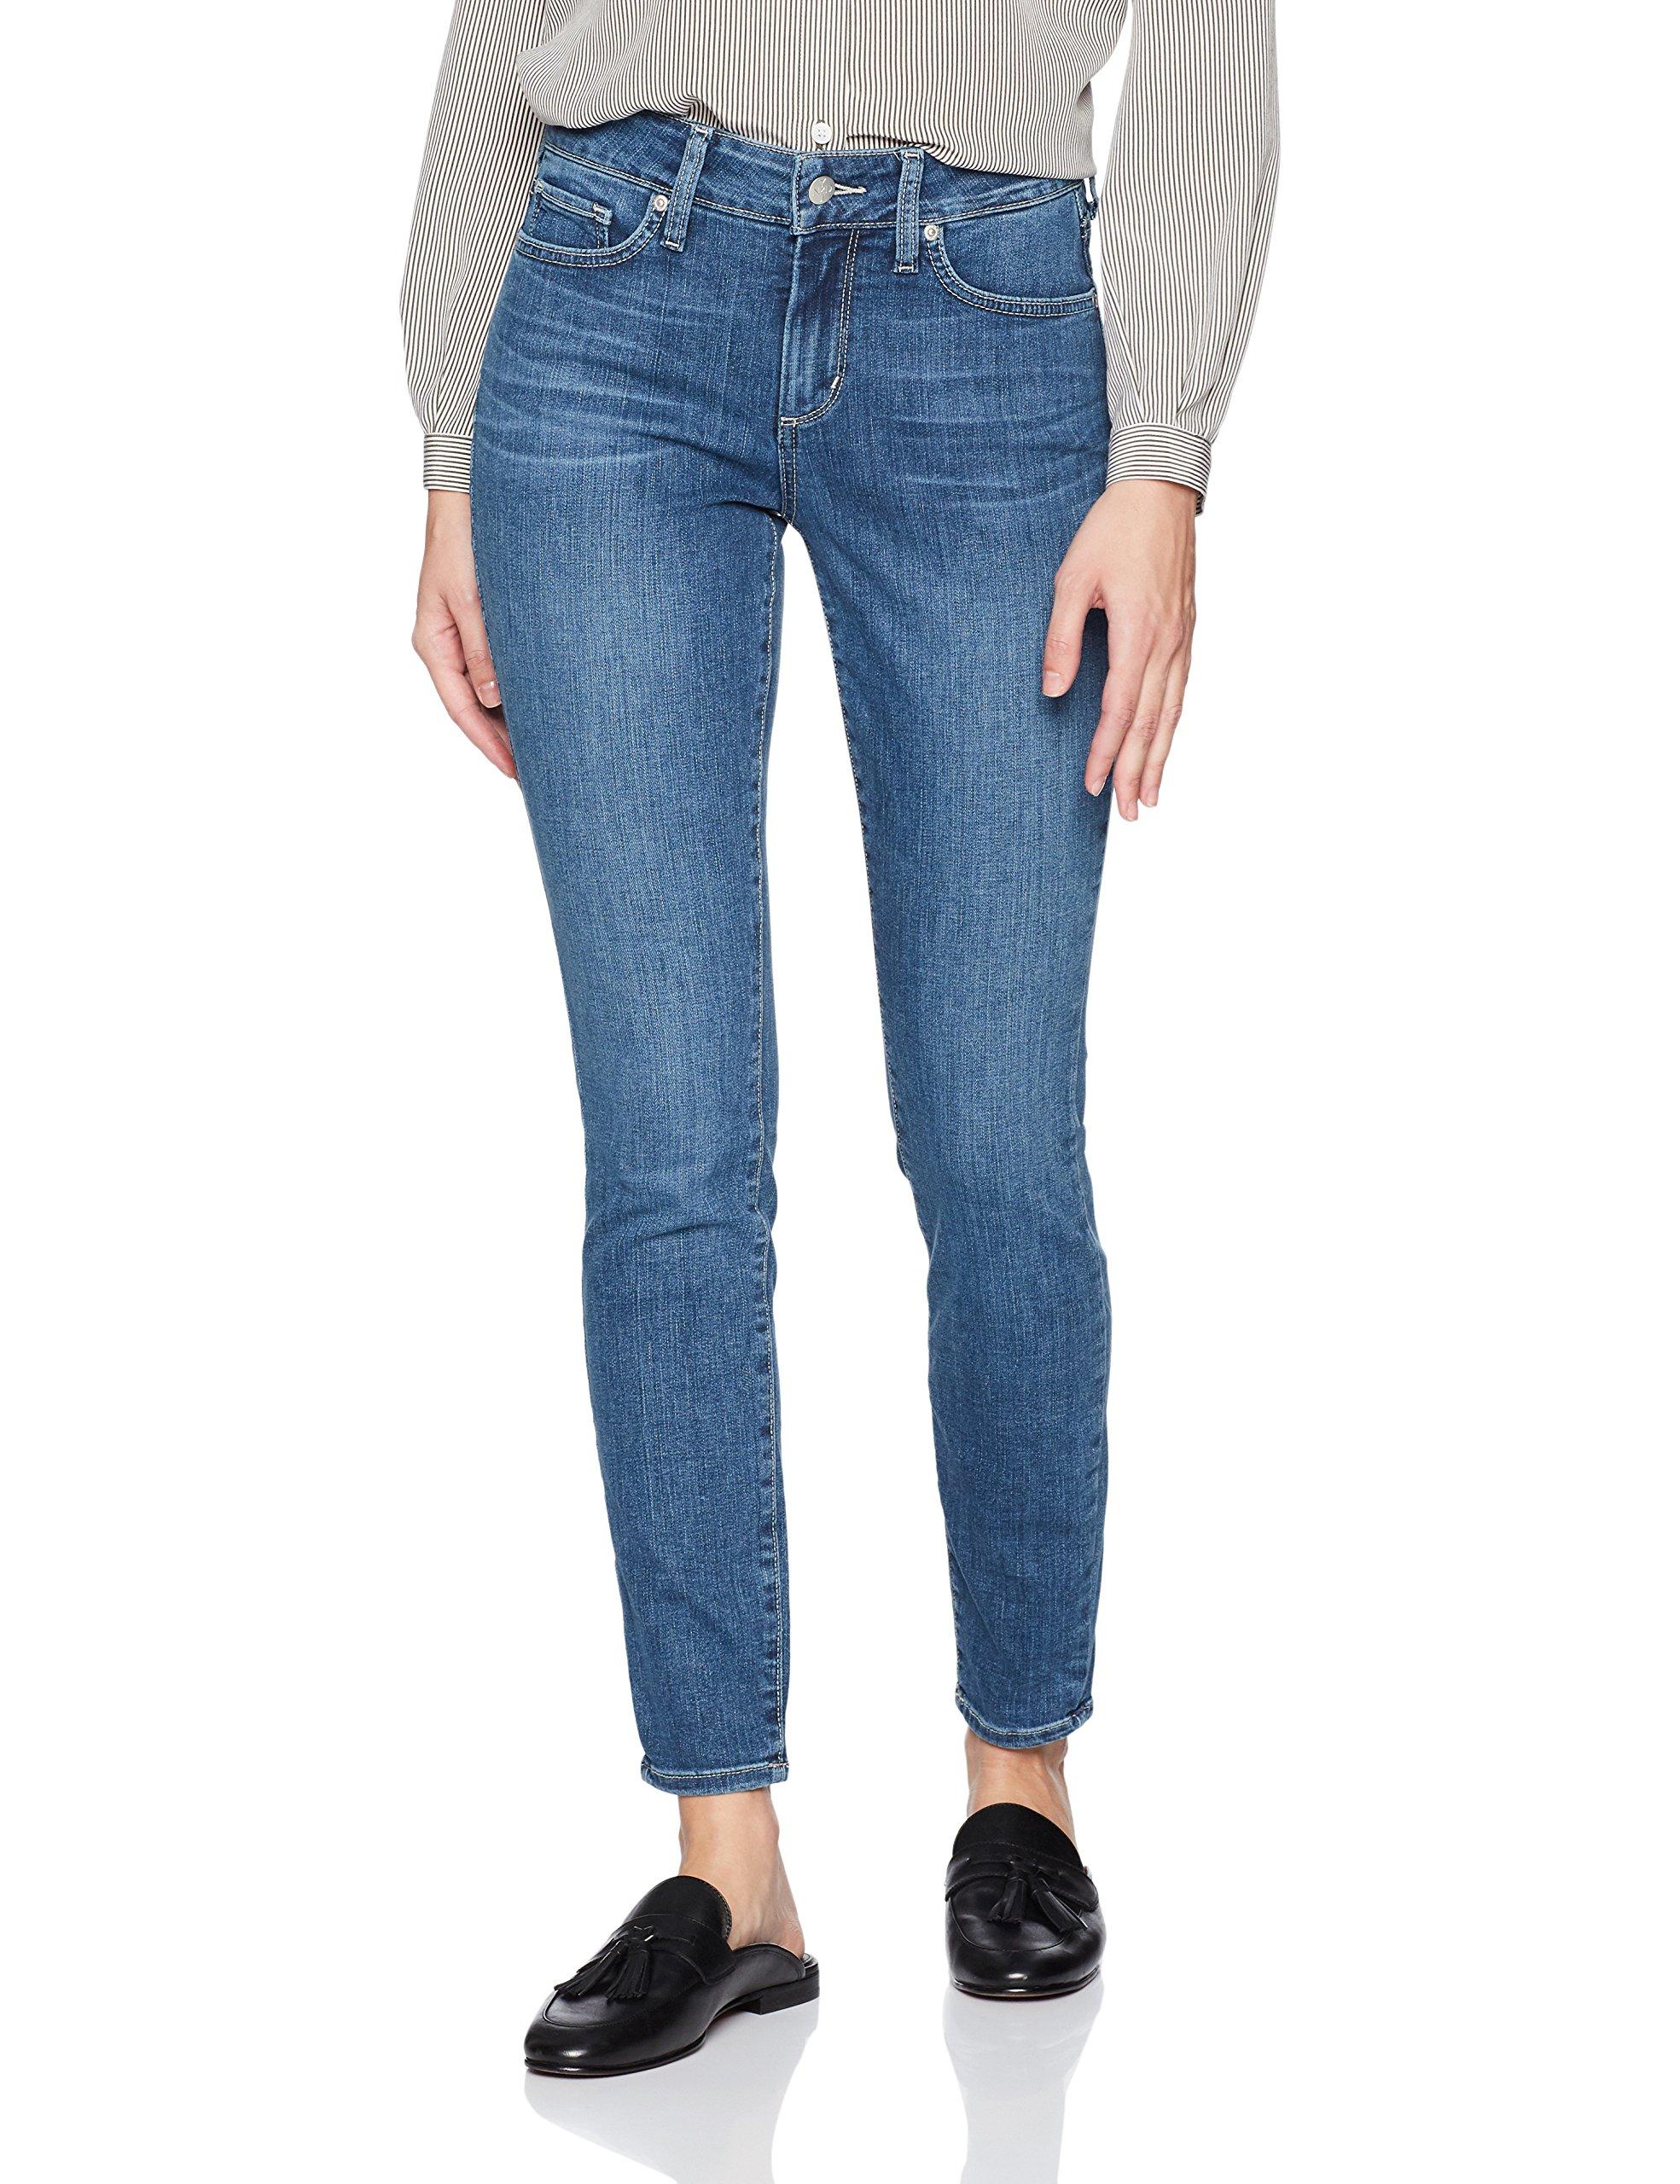 NYDJ Women's Ami Skinny Legging Jeans, HEYBURN